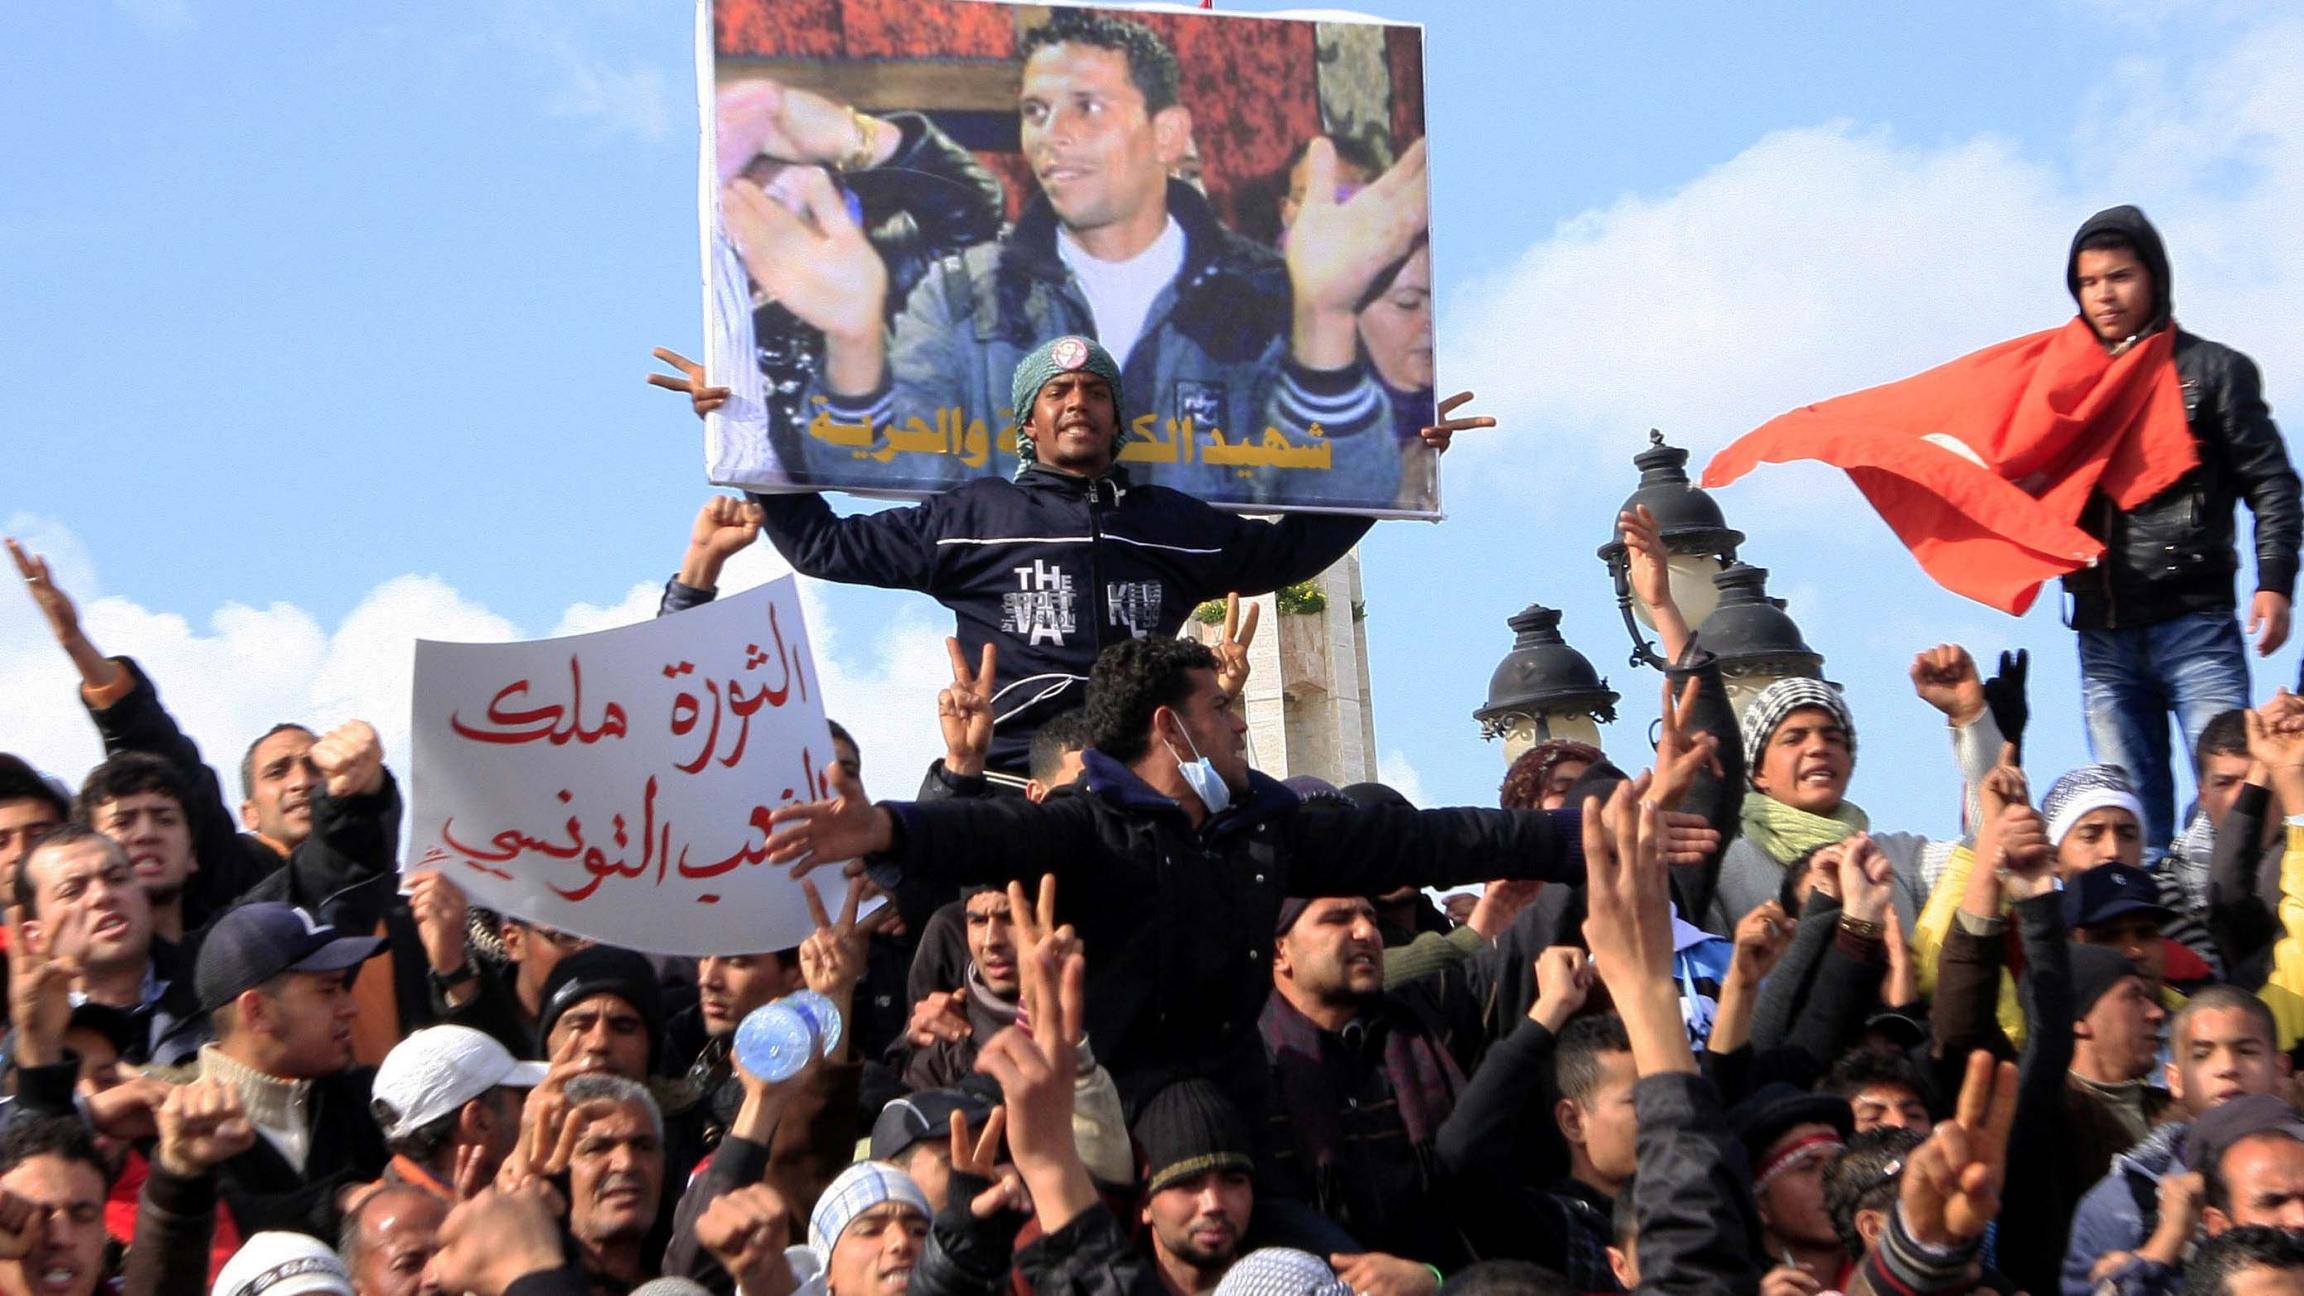 Primavere Arabe 10 Anni Dopo, La Protesta Di Bouazizi E I Sogni Infranti Delle Rivolte Del 2011